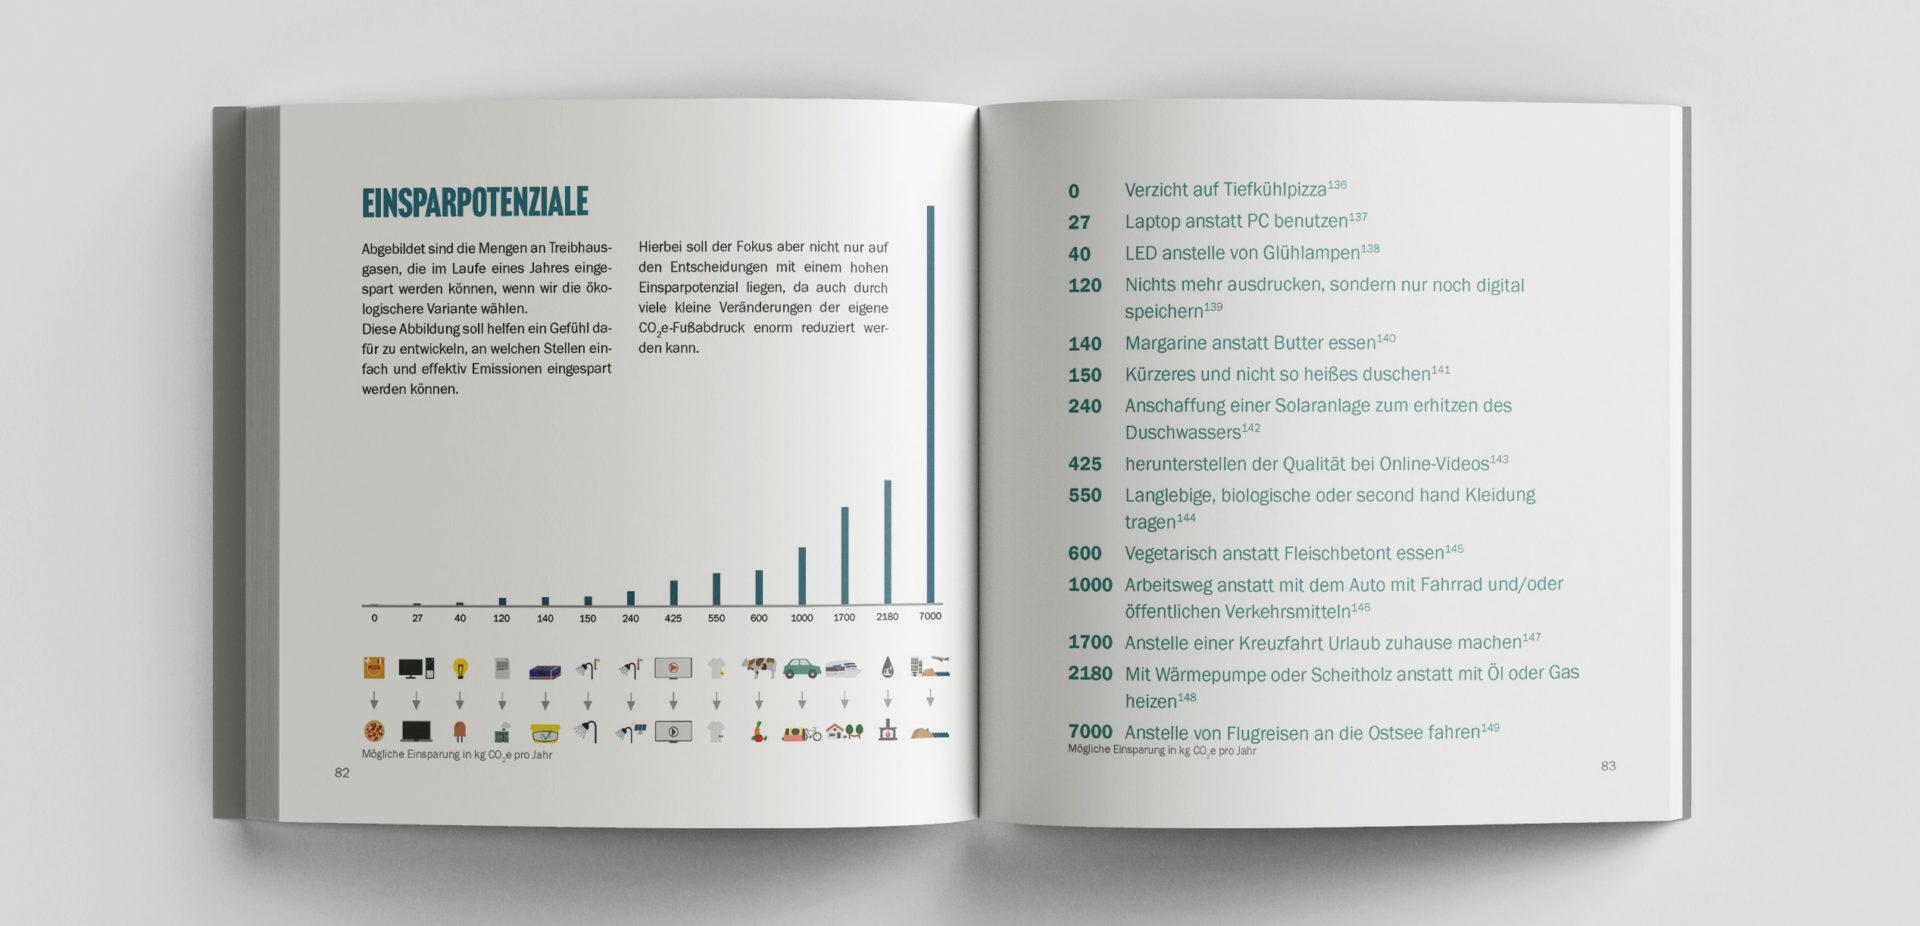 Leseprobe von dem Buch Vergleichsweise Klimafreundlich: Einsparpotenziale an Treibhausgasen für den Klimaschutz